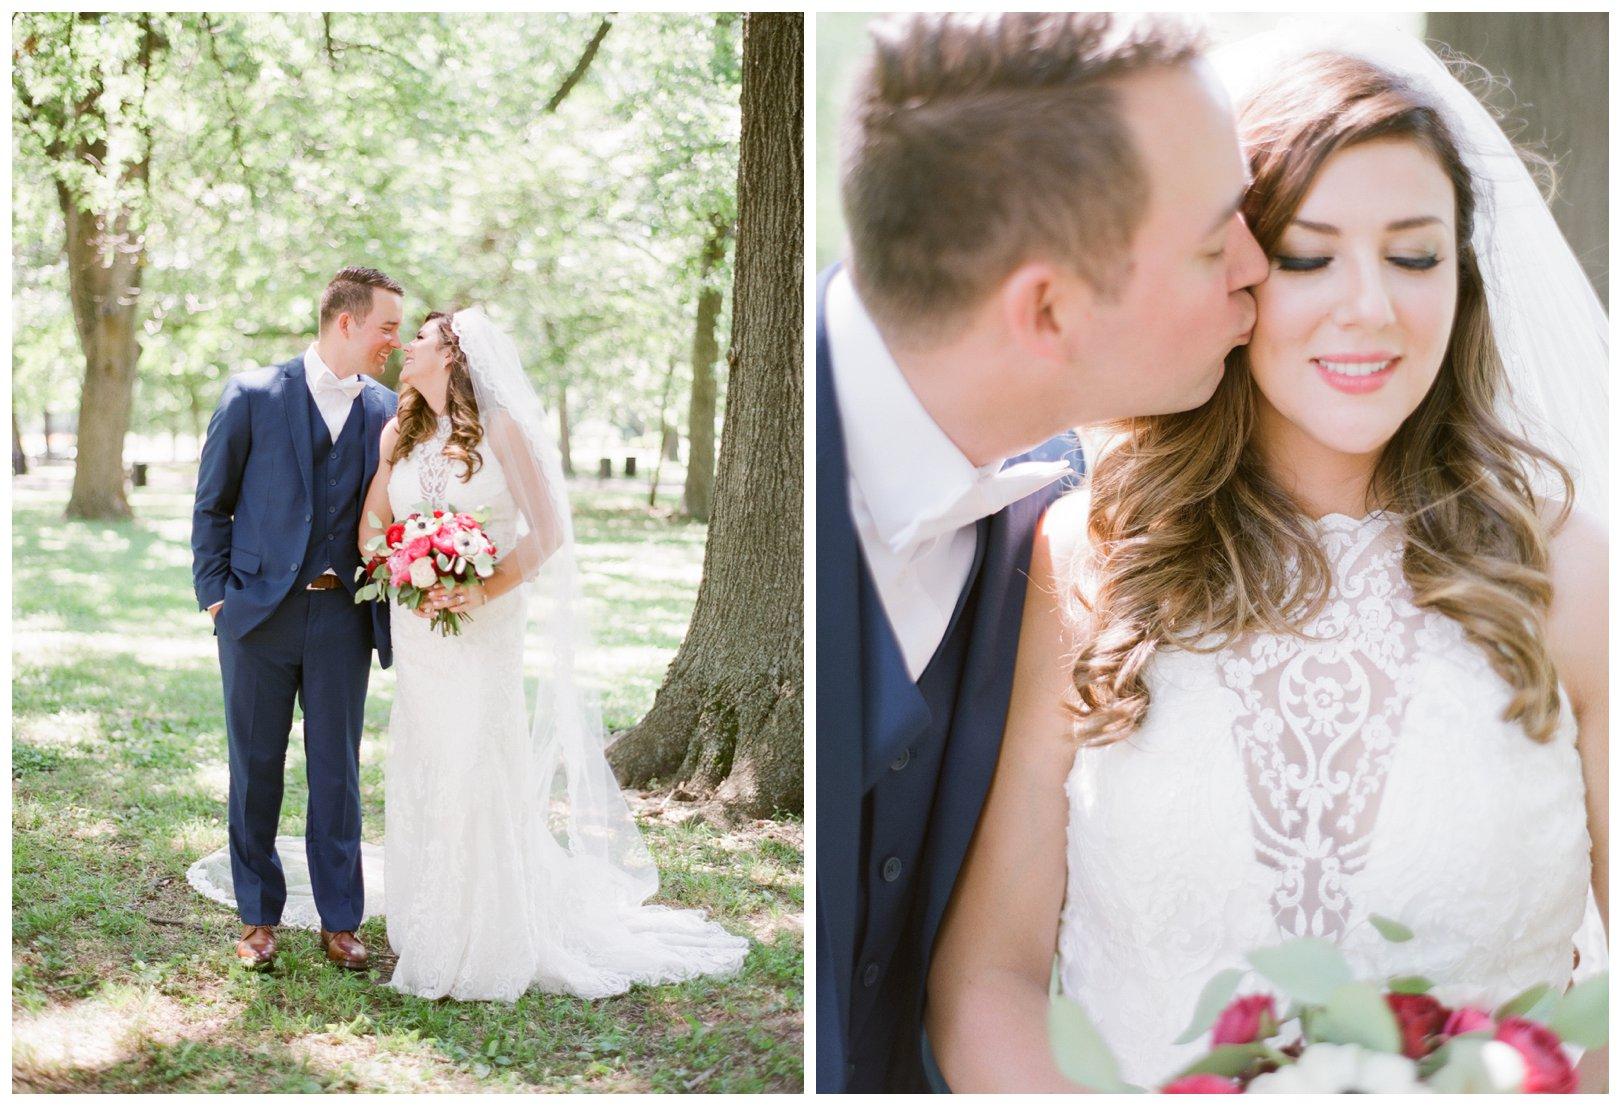 lauren muckler photography_fine art film wedding photography_st louis_photography_1191.jpg